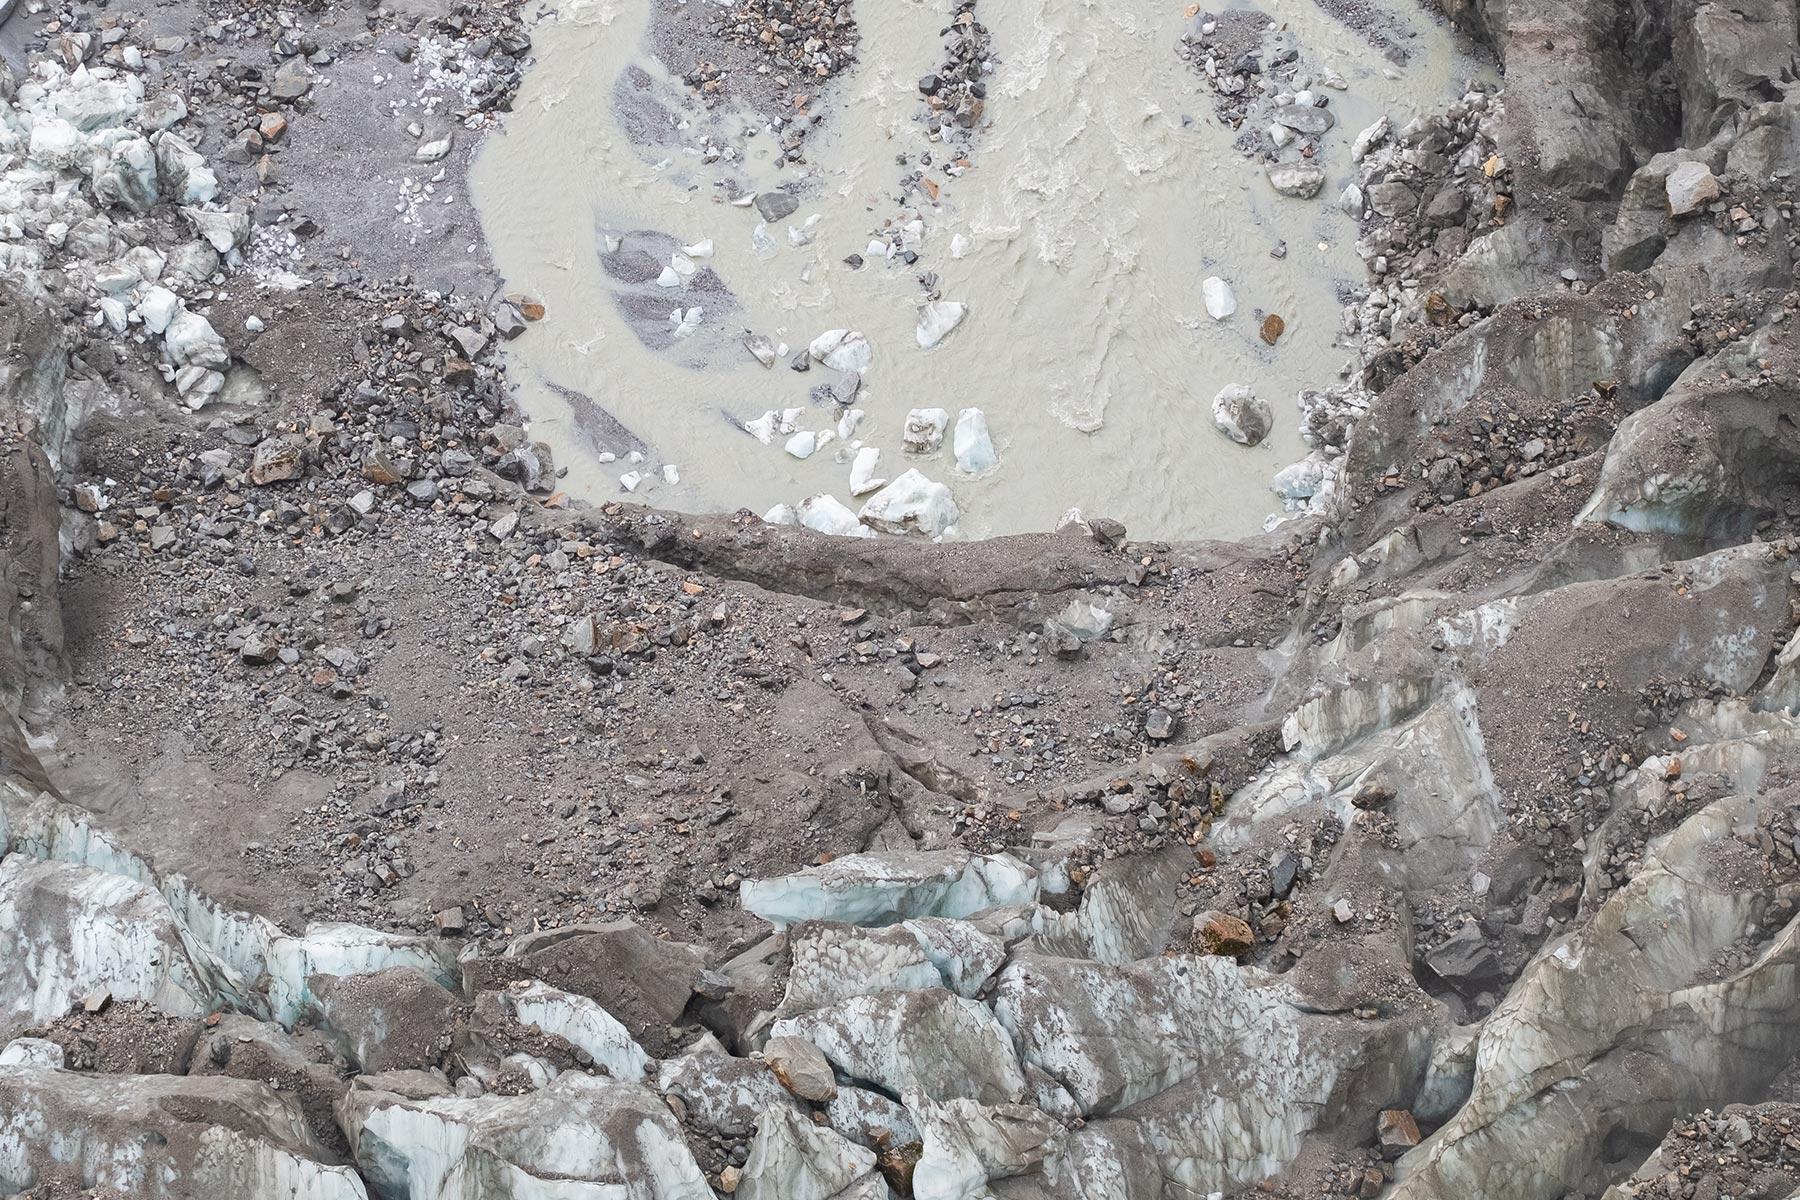 Wasser tritt aus Gletscher im Vogel im Hailuogou Gletscher Park in Sichuan